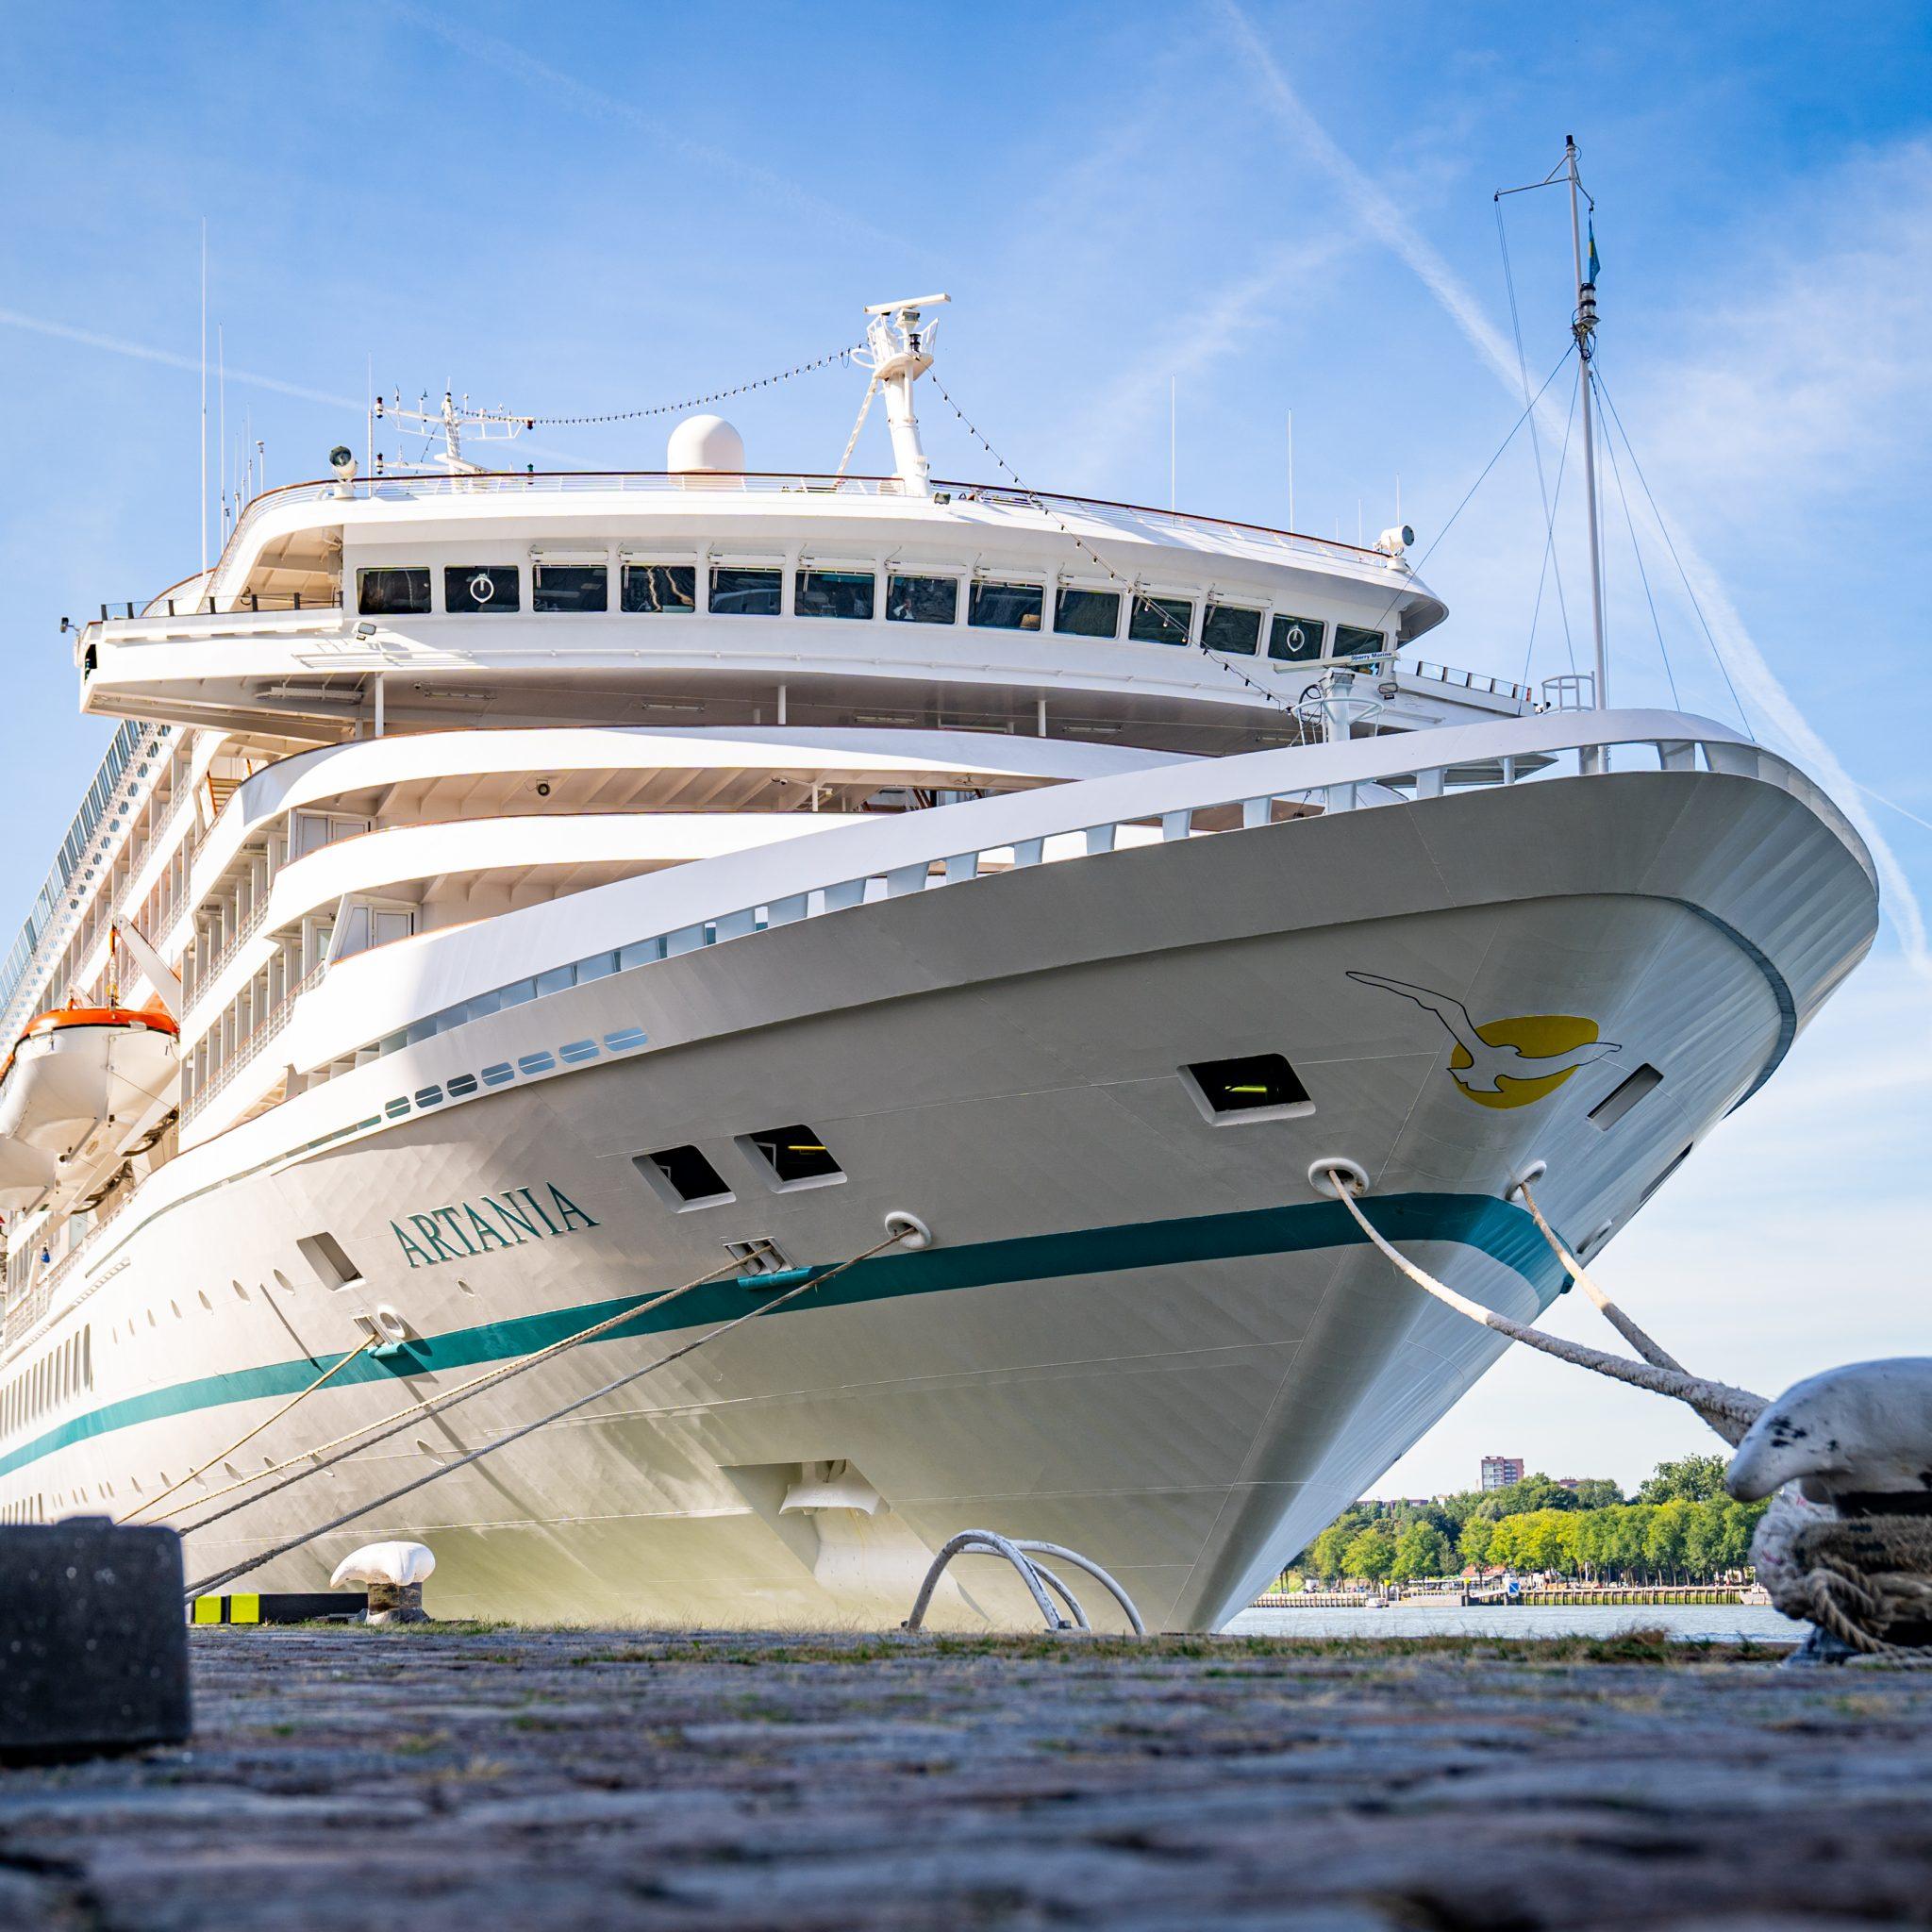 Het cruiseschip is inmiddels alweer vertrokken. (Foto MediaTV)